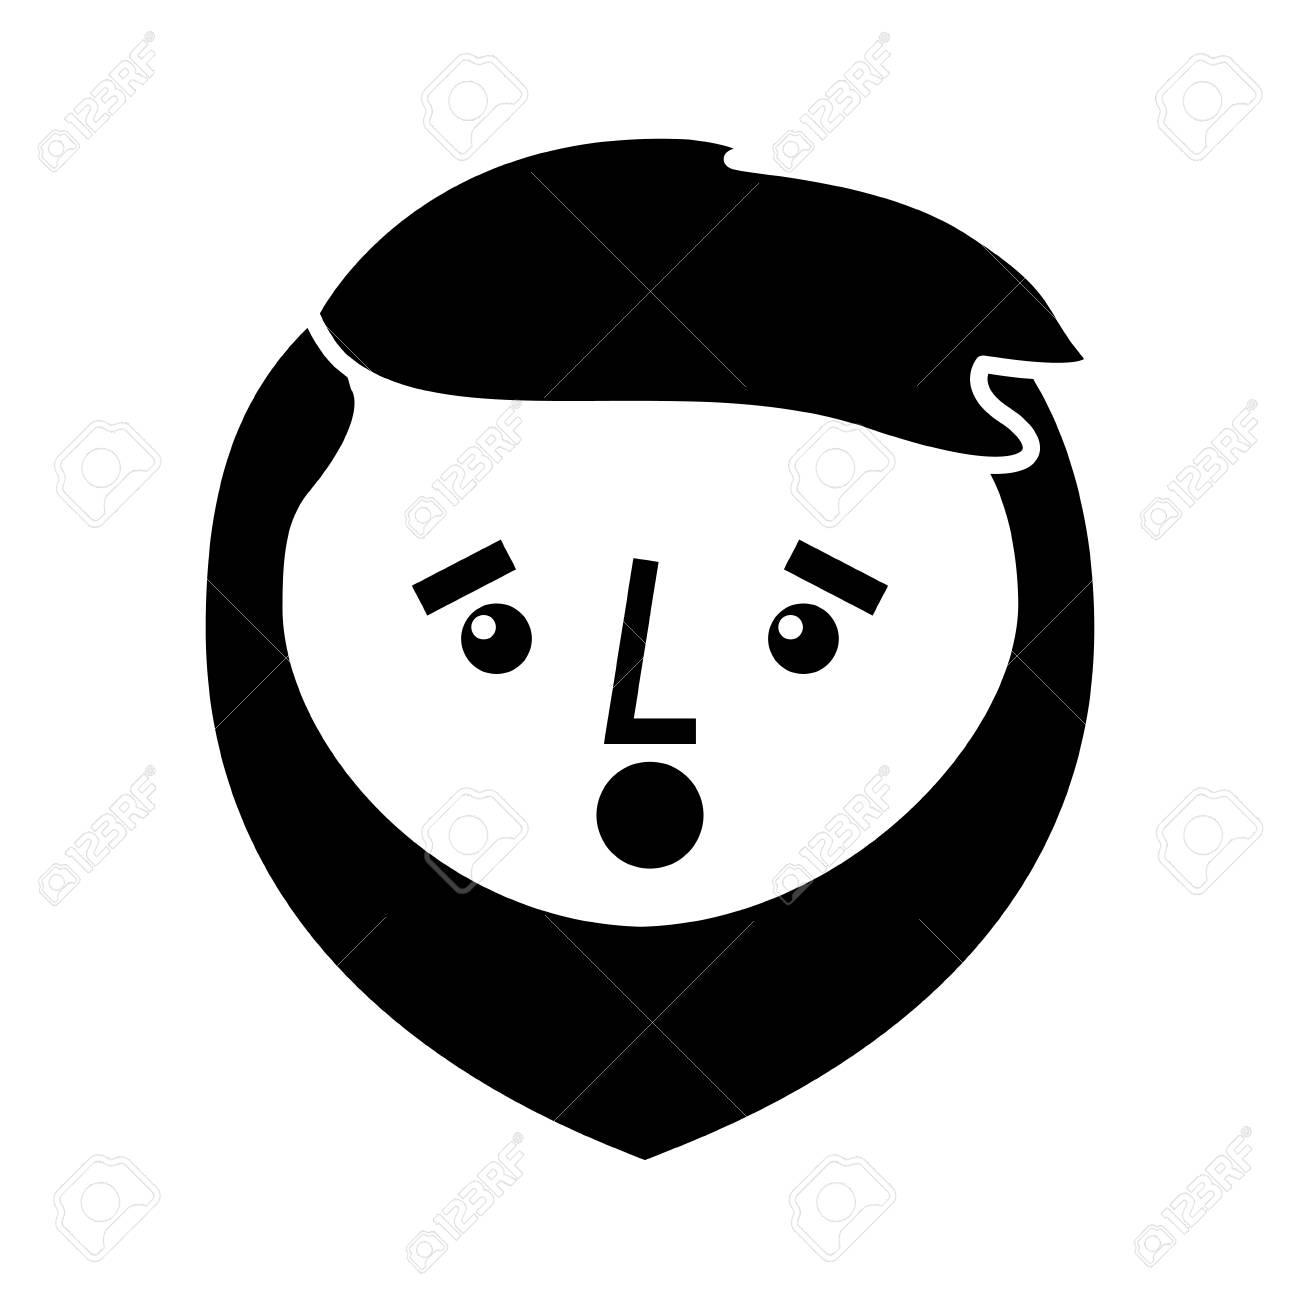 Dessin Animé Surpris Visage Homme Barbe Personnage Vector Illustration Image Noir Et Blanc